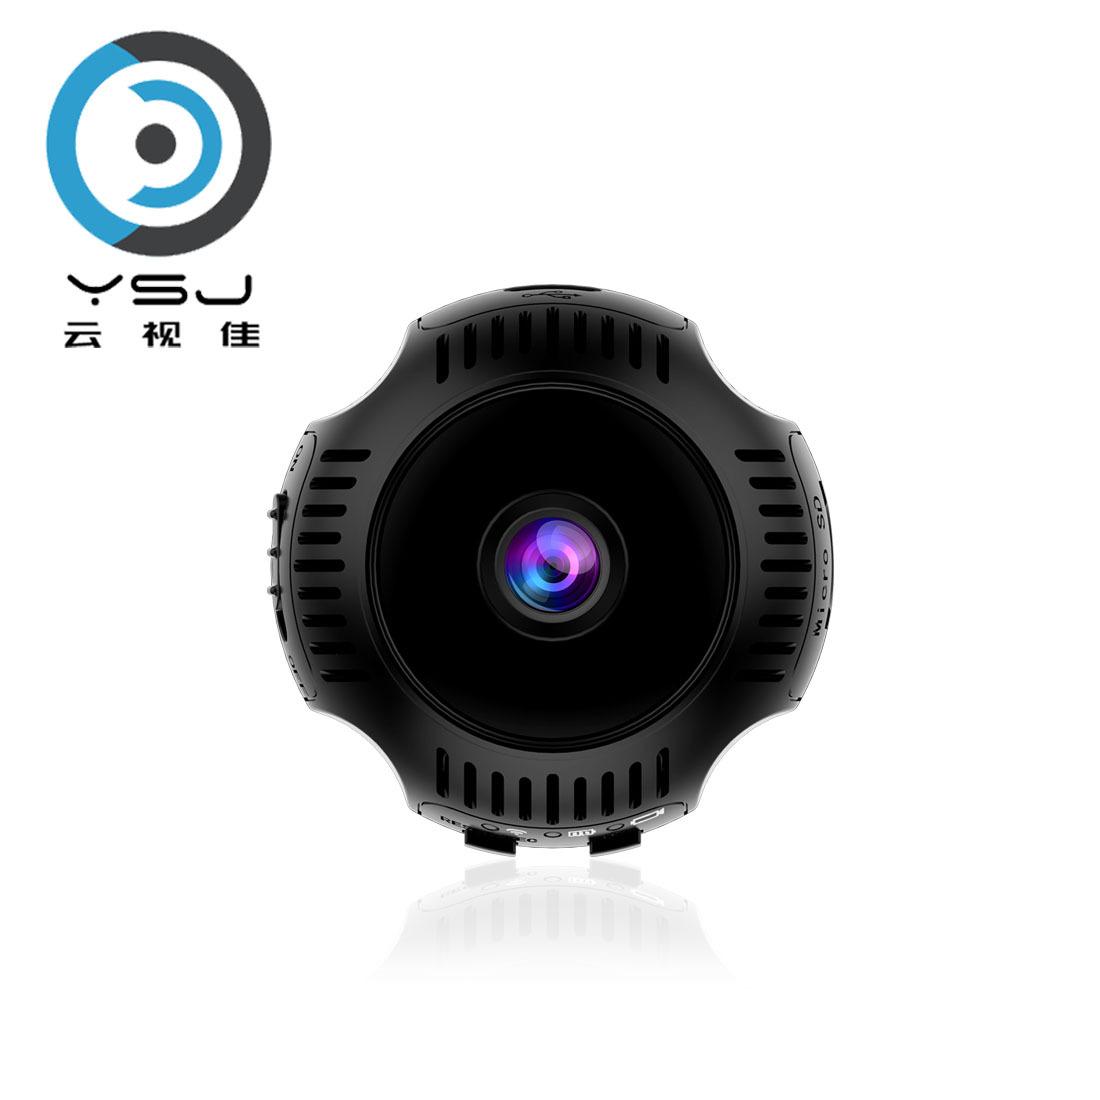 YUNSHIJIA Máy ảnh thể thao X7 Máy ảnh vệ sinh không dây mới xuyên biên giới HD Camera quan sát ban đ